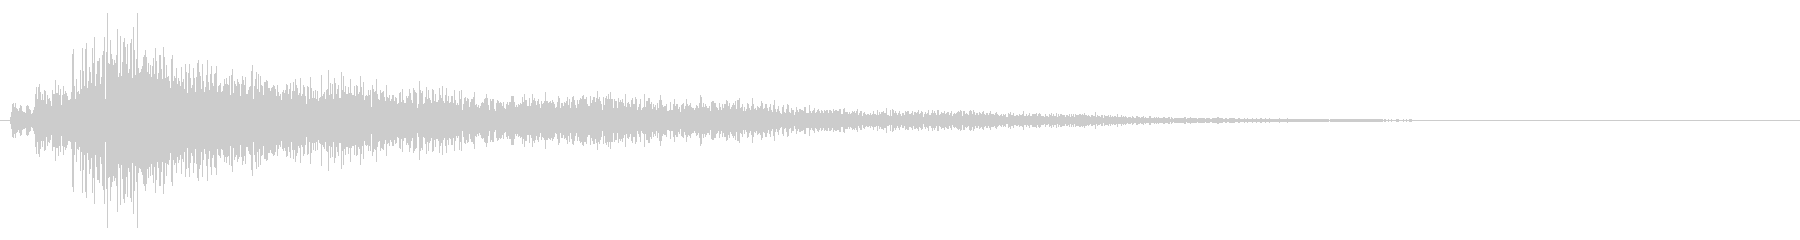 ニュース・ジングル・場面転換・決定音01の未再生の波形